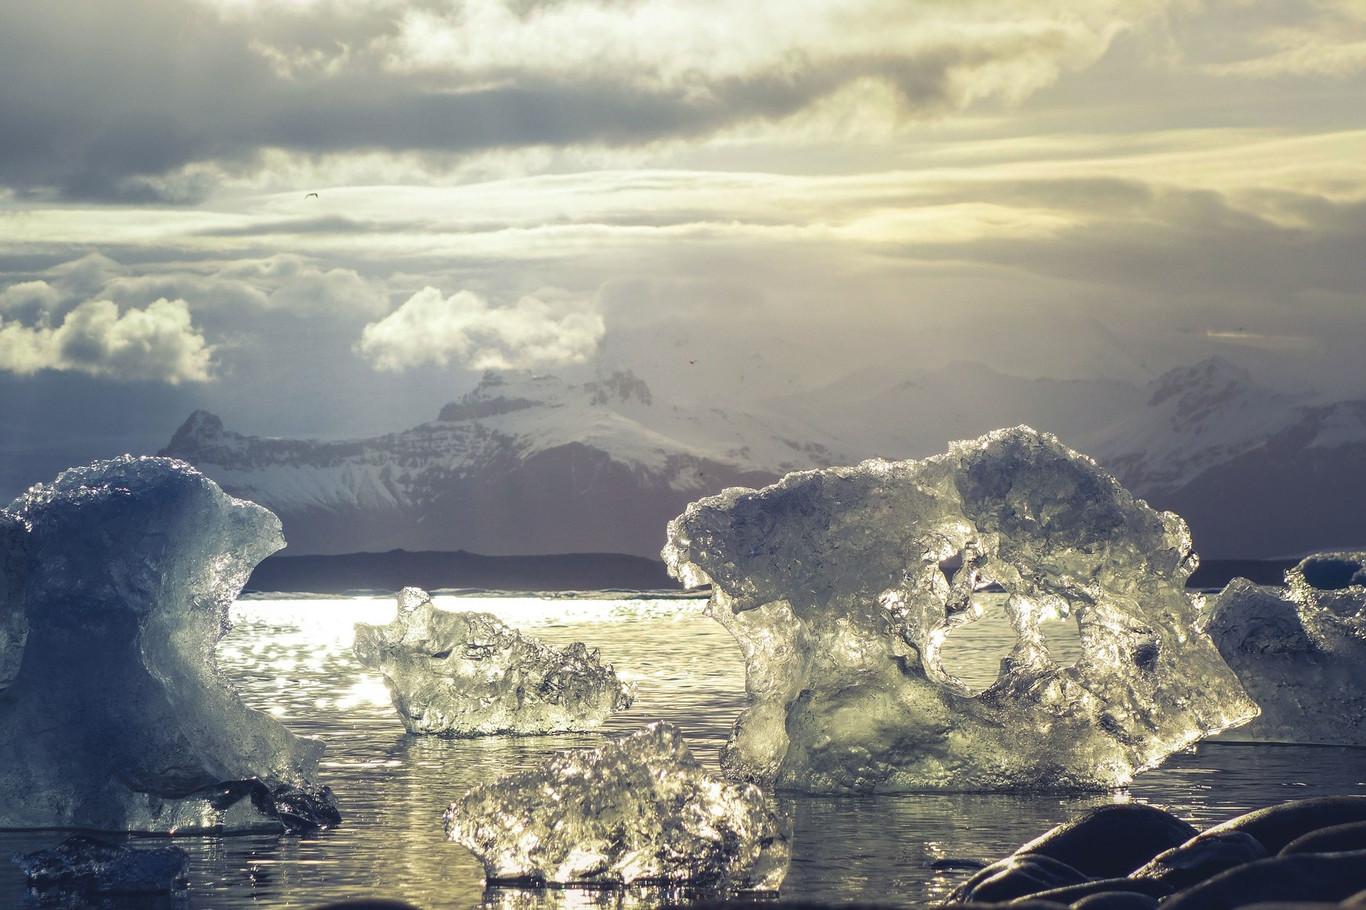 Esta bonita (y terrible) animación nos muestra cómo el hielo del Ártico es cada vez más joven y fino, y eso no es nada bueno